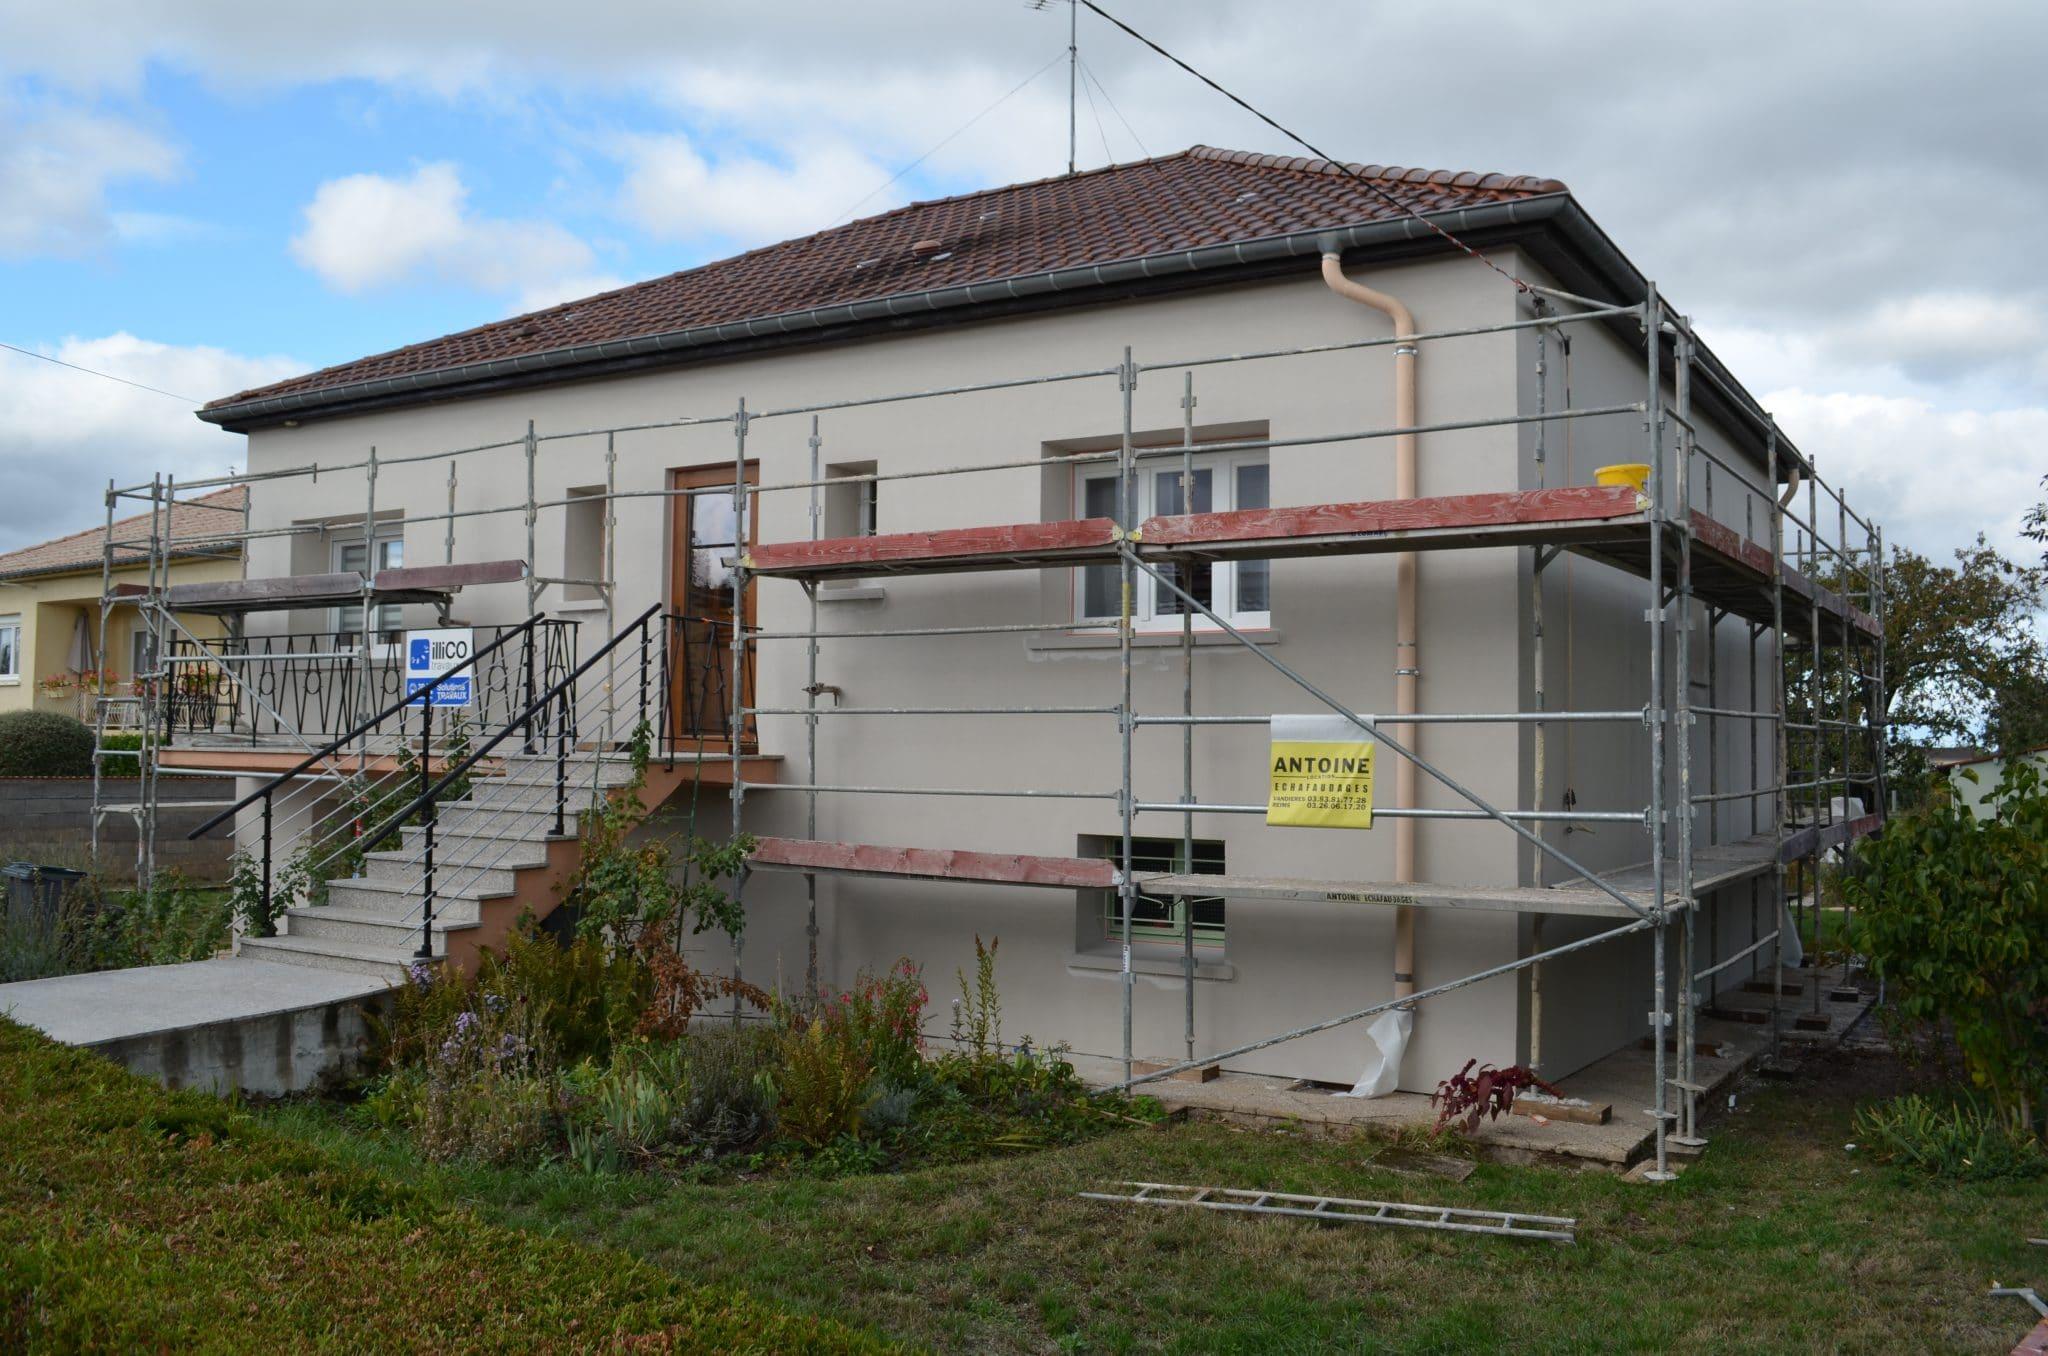 Isolation thermique par l'extérieur (ITE) à Jarny (54)